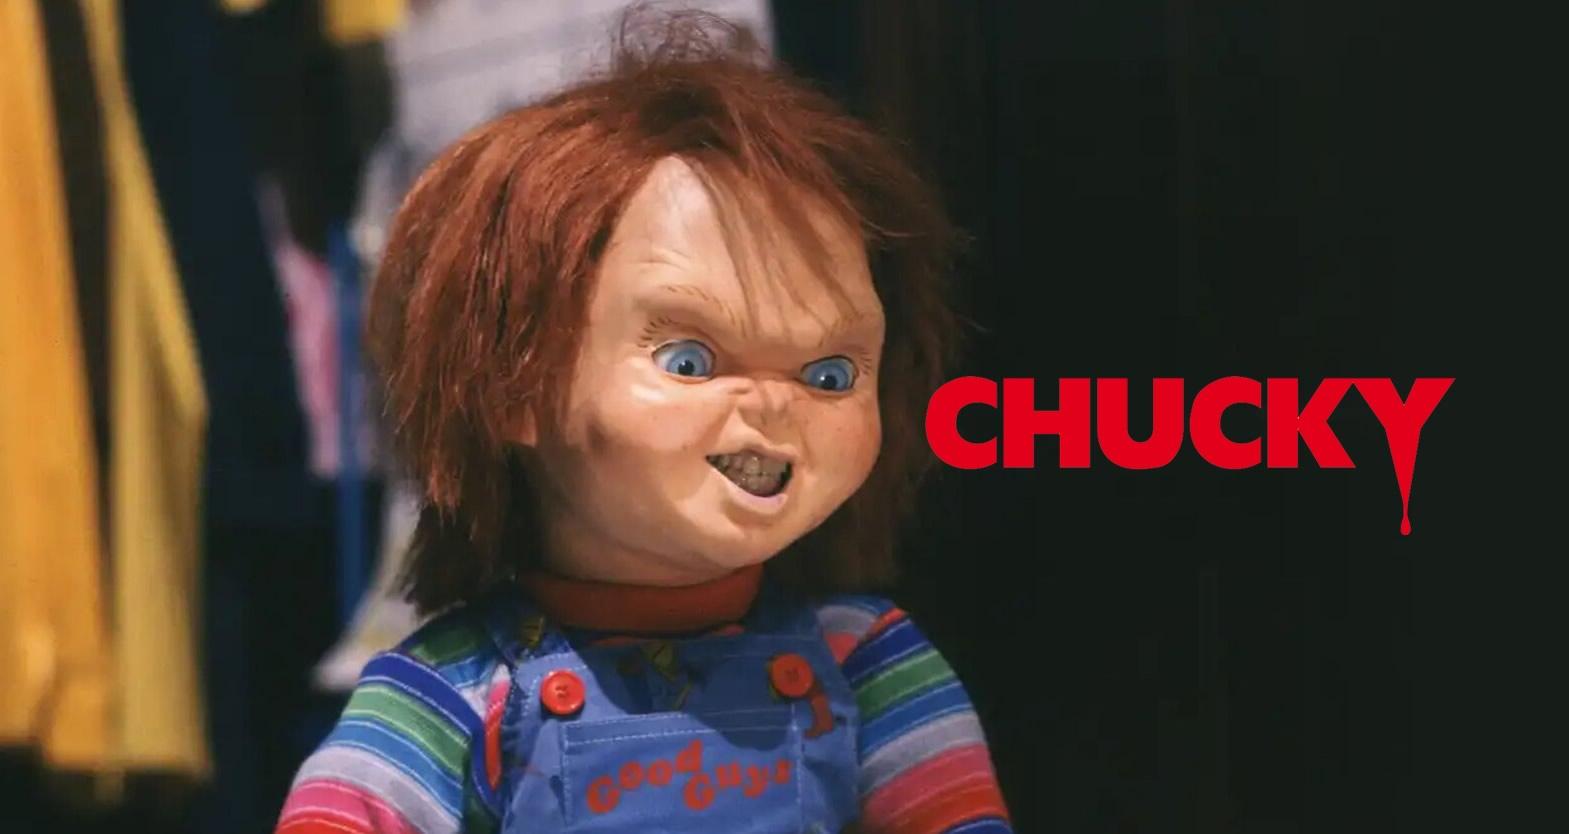 CHUCKY   Teaser mostra a tecnologia Animatronics que dará vida ao brinquedo assassino na série do canal Syfy